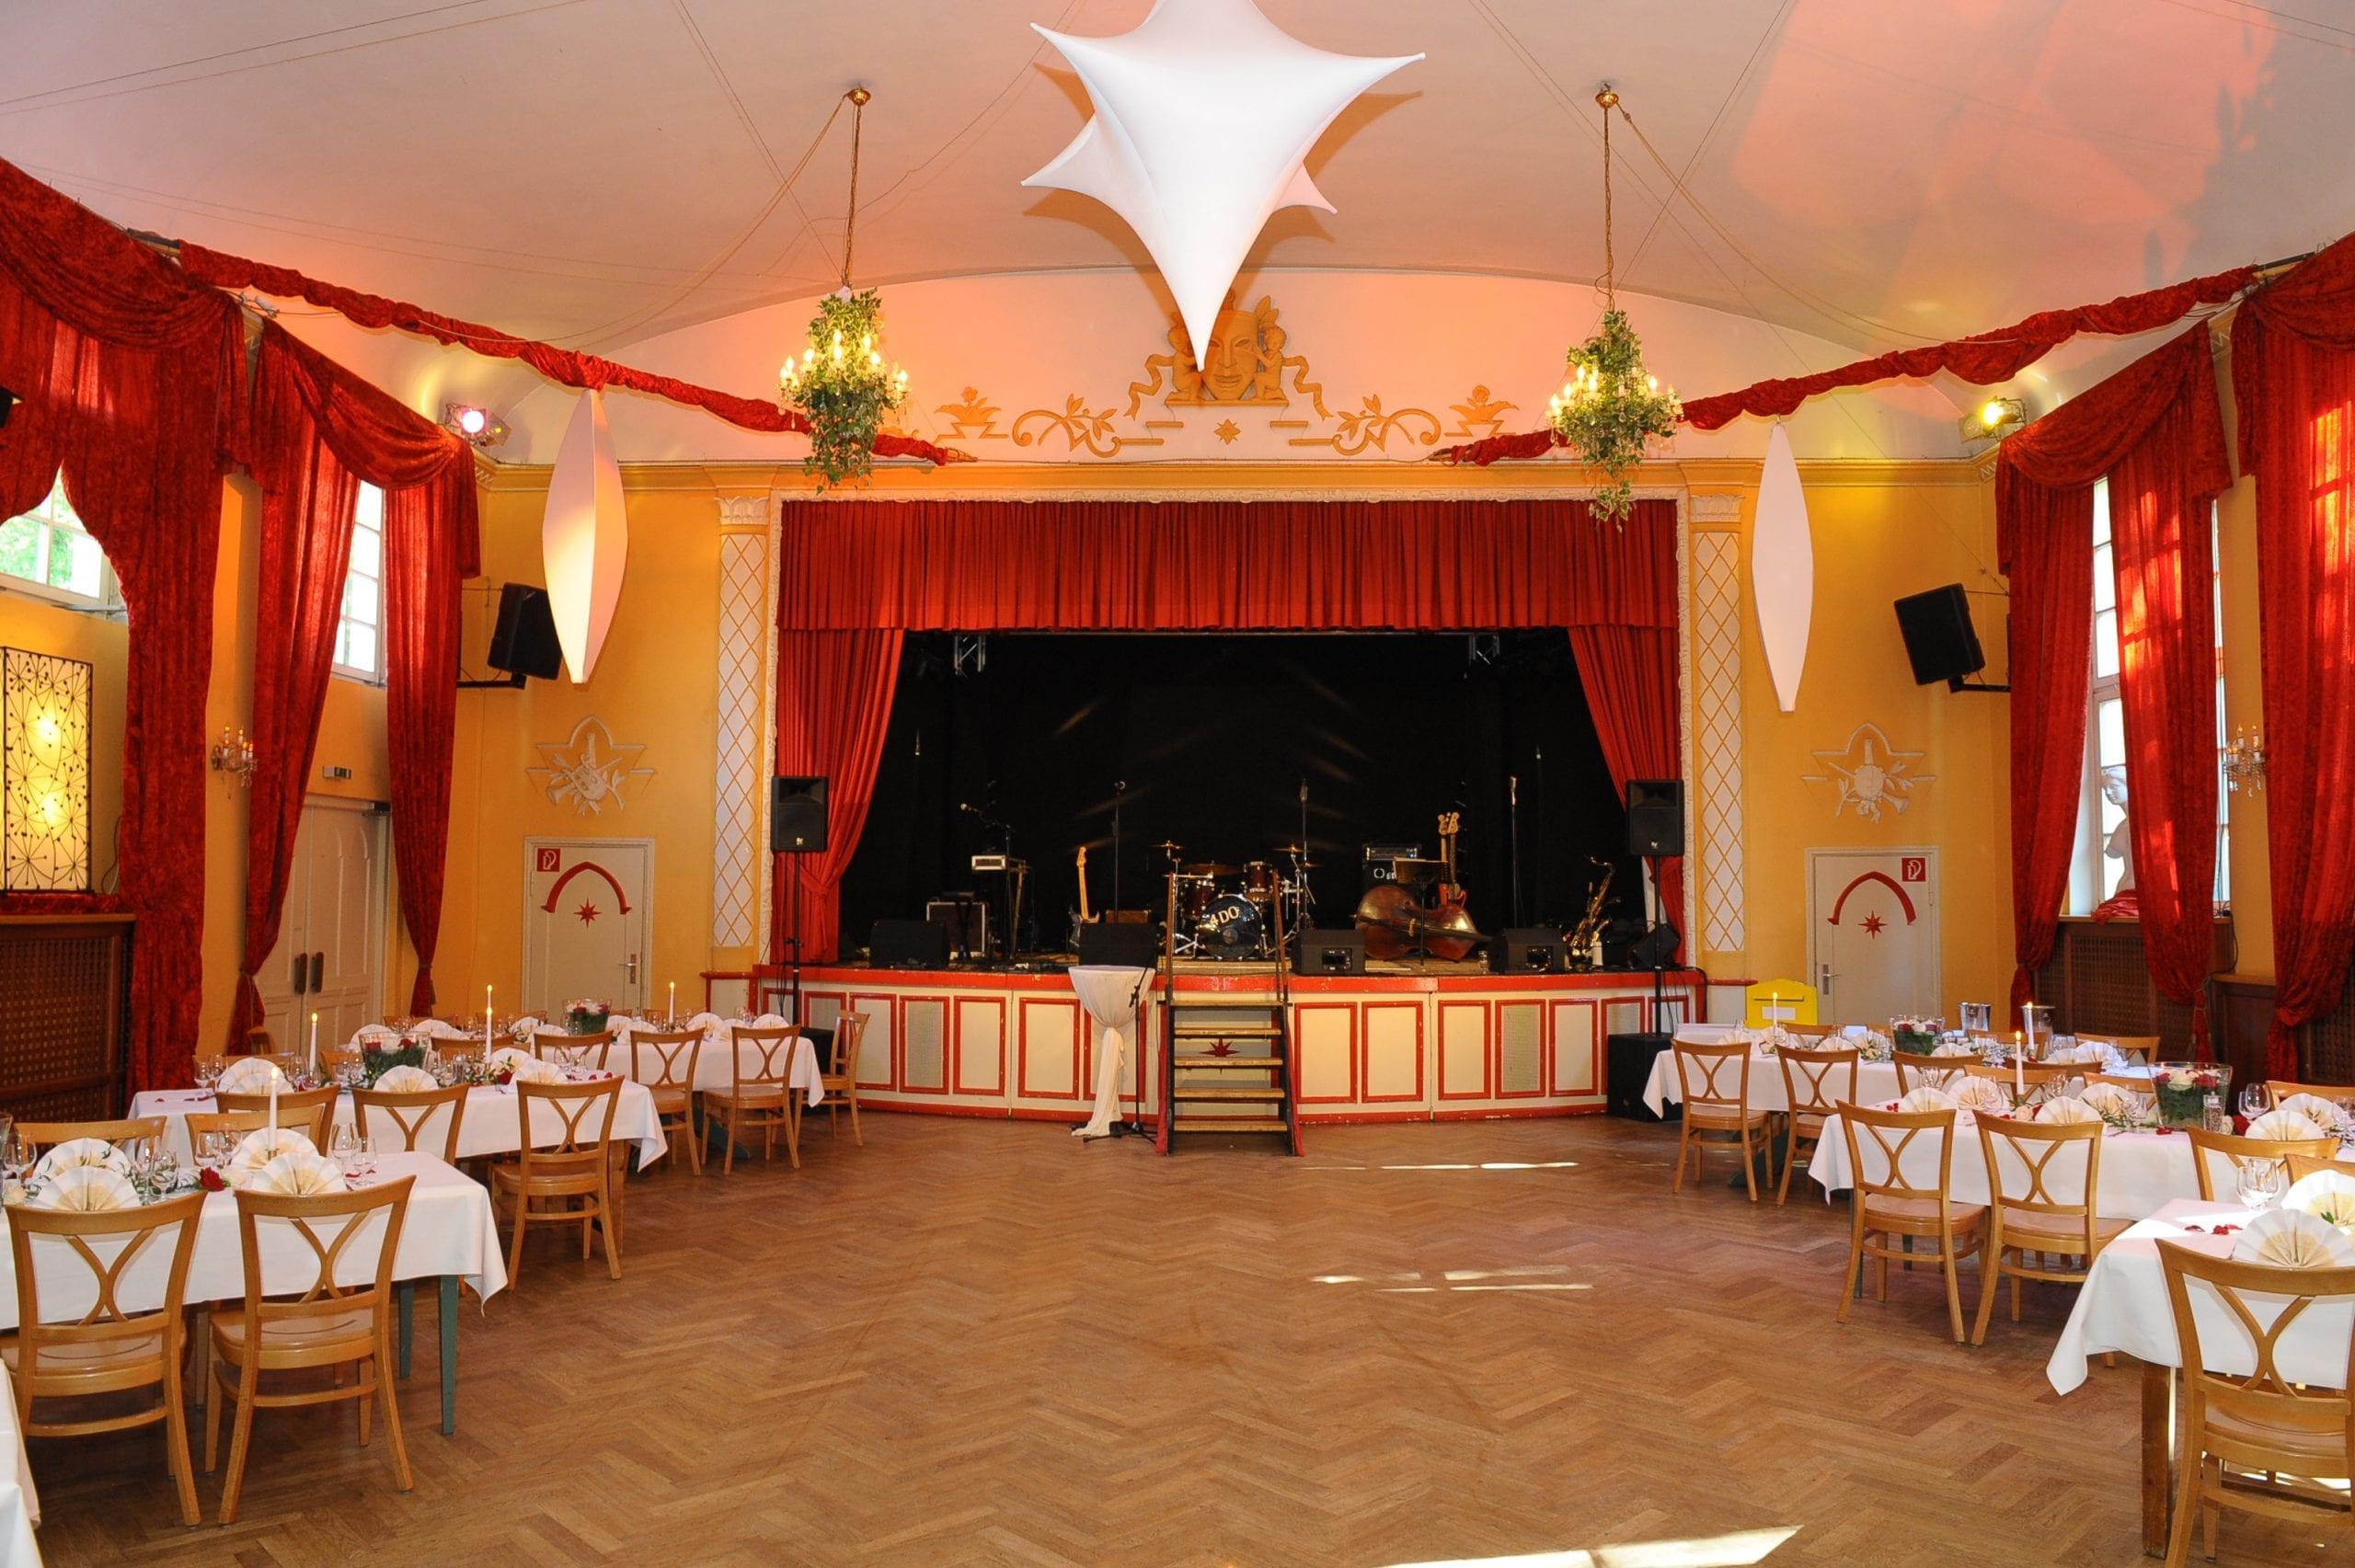 Veranstaltungsstätten am Ammersee, Starnberger See, Chiemsee und in München laden Sie zu einer kulturellen Veranstaltungsvielfalt ein - Bild Waldheim Eventlocation, München